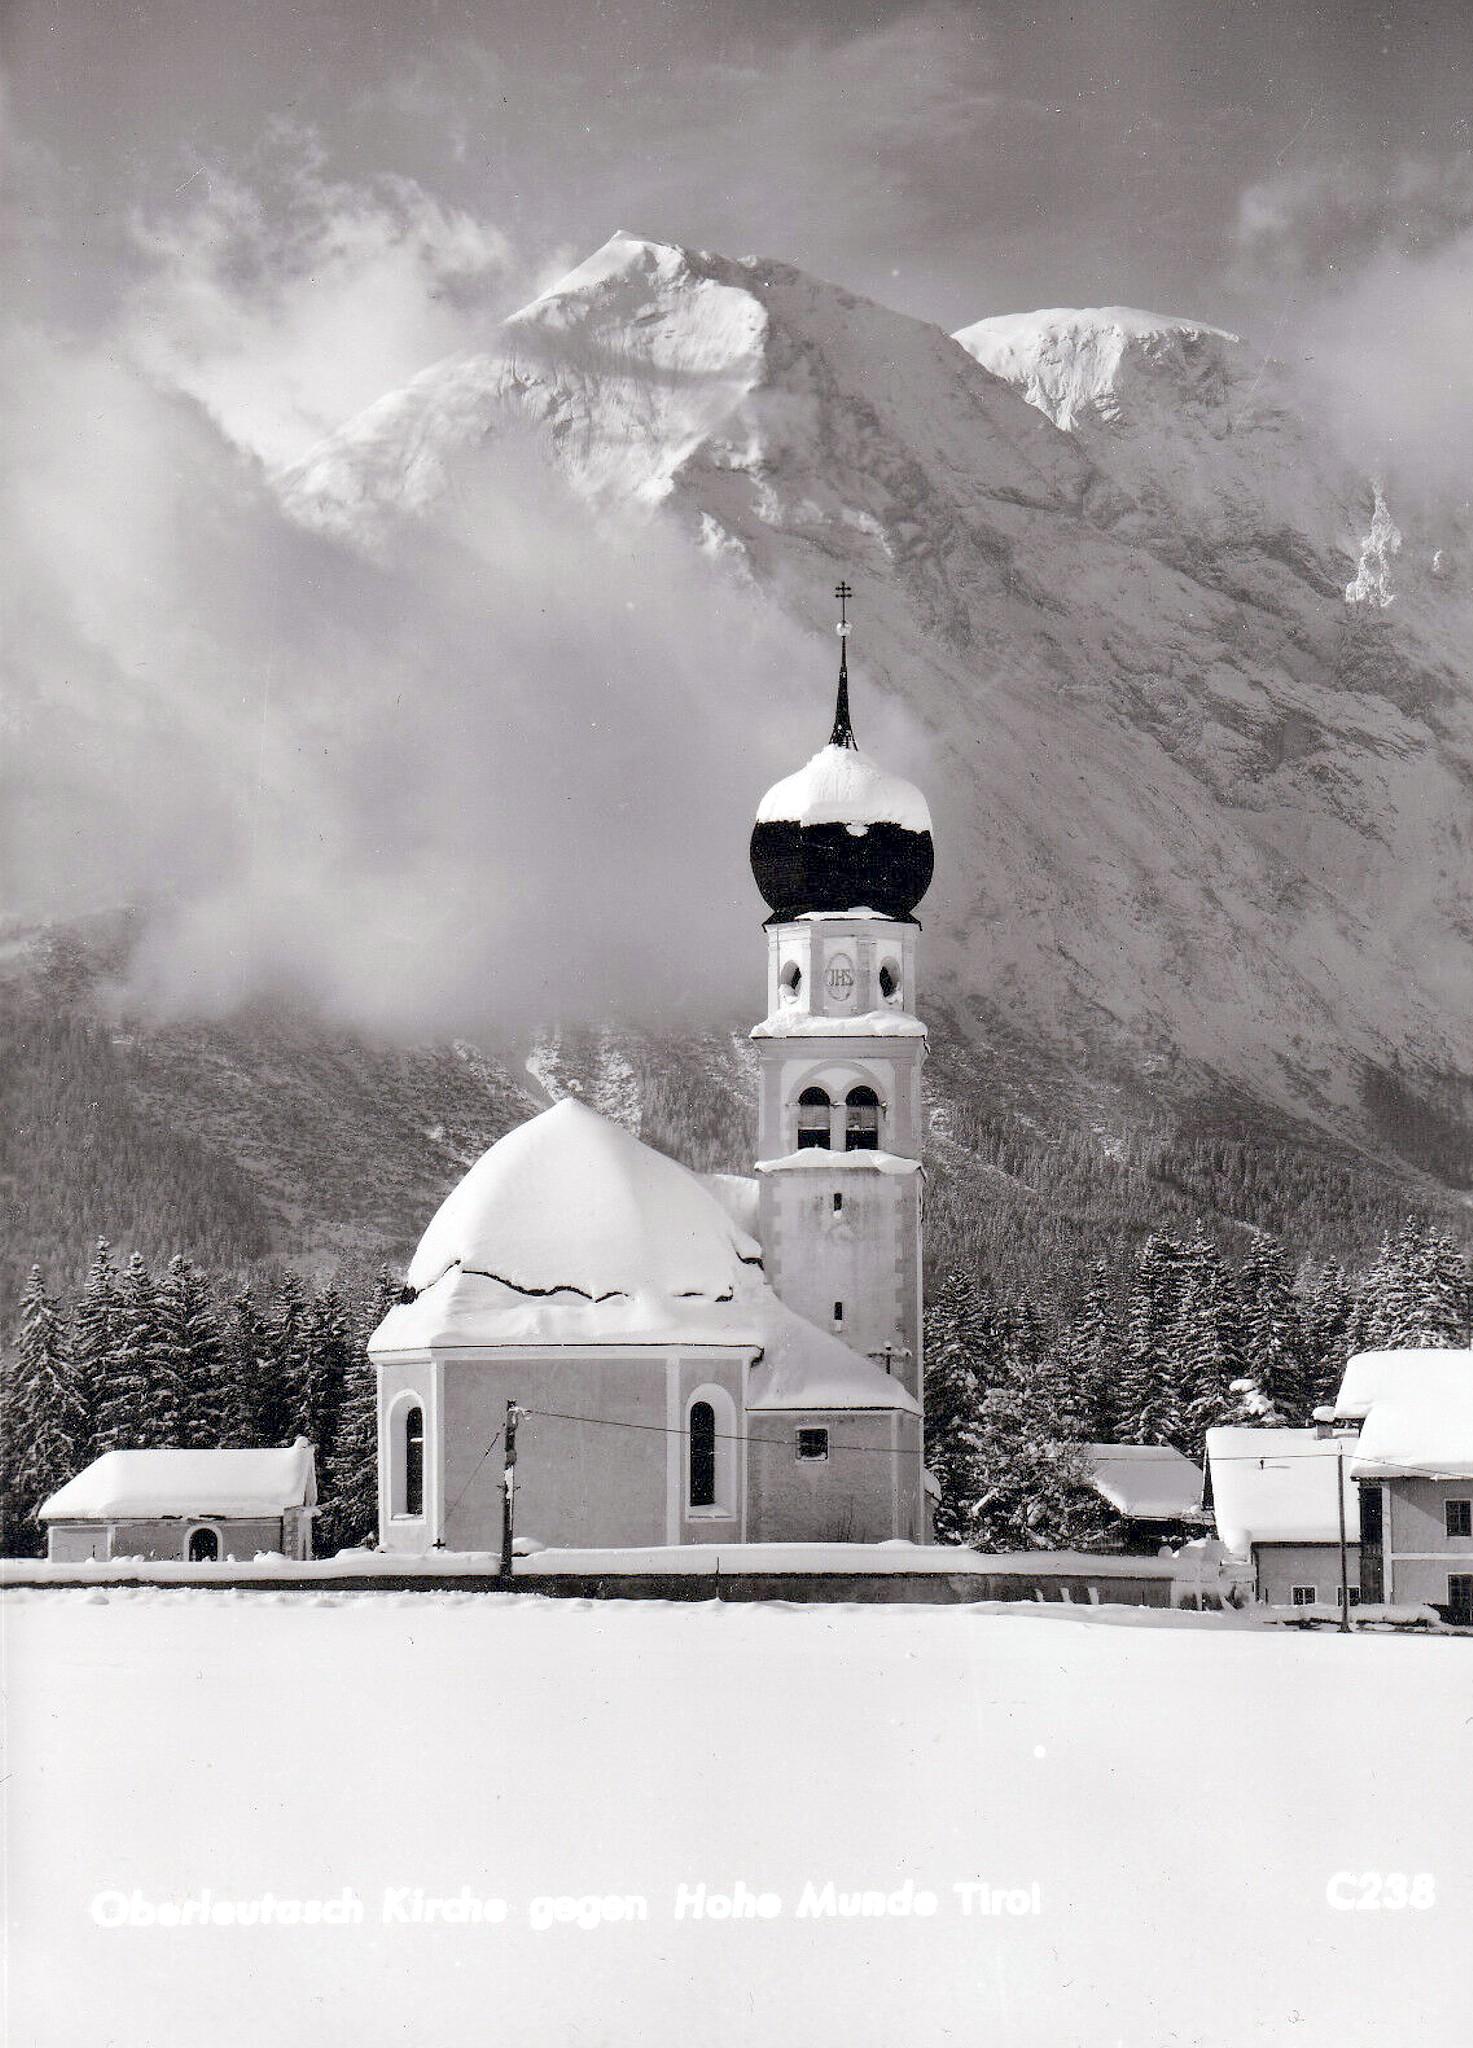 Oberleutasch 1955, Winterbild